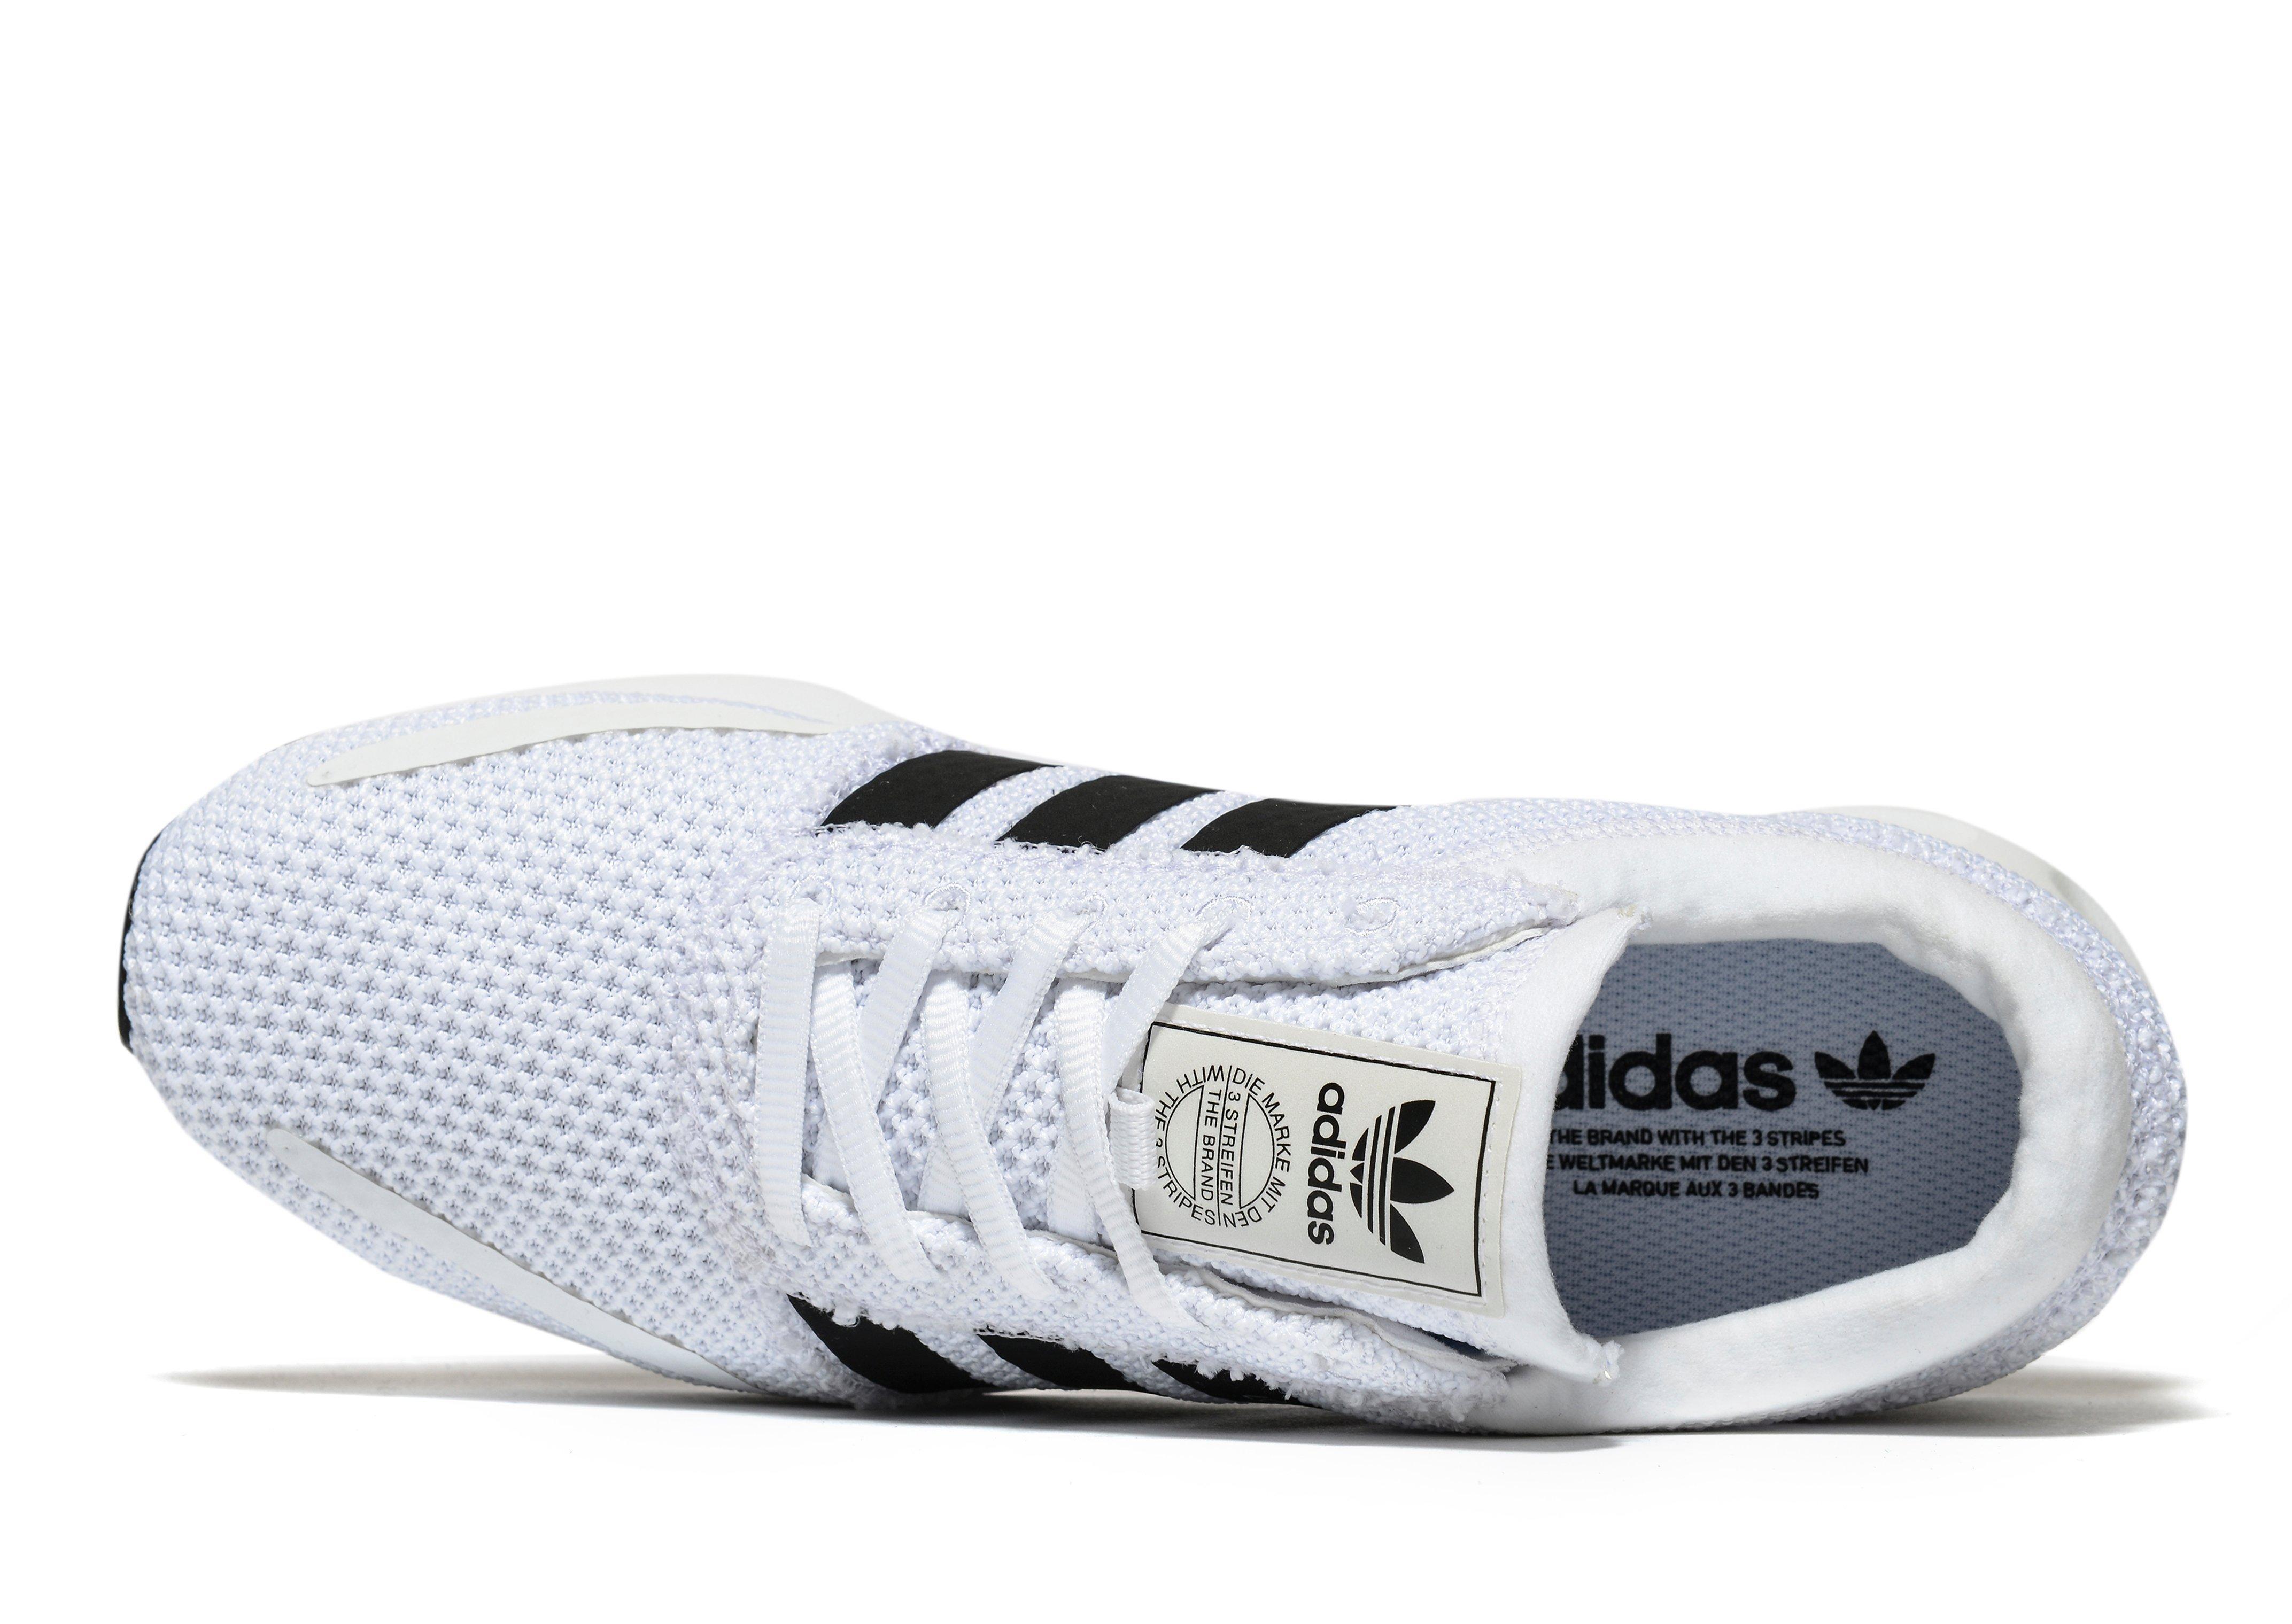 Adidas Originals Sneaker S31534 Herren LOS ANGELES